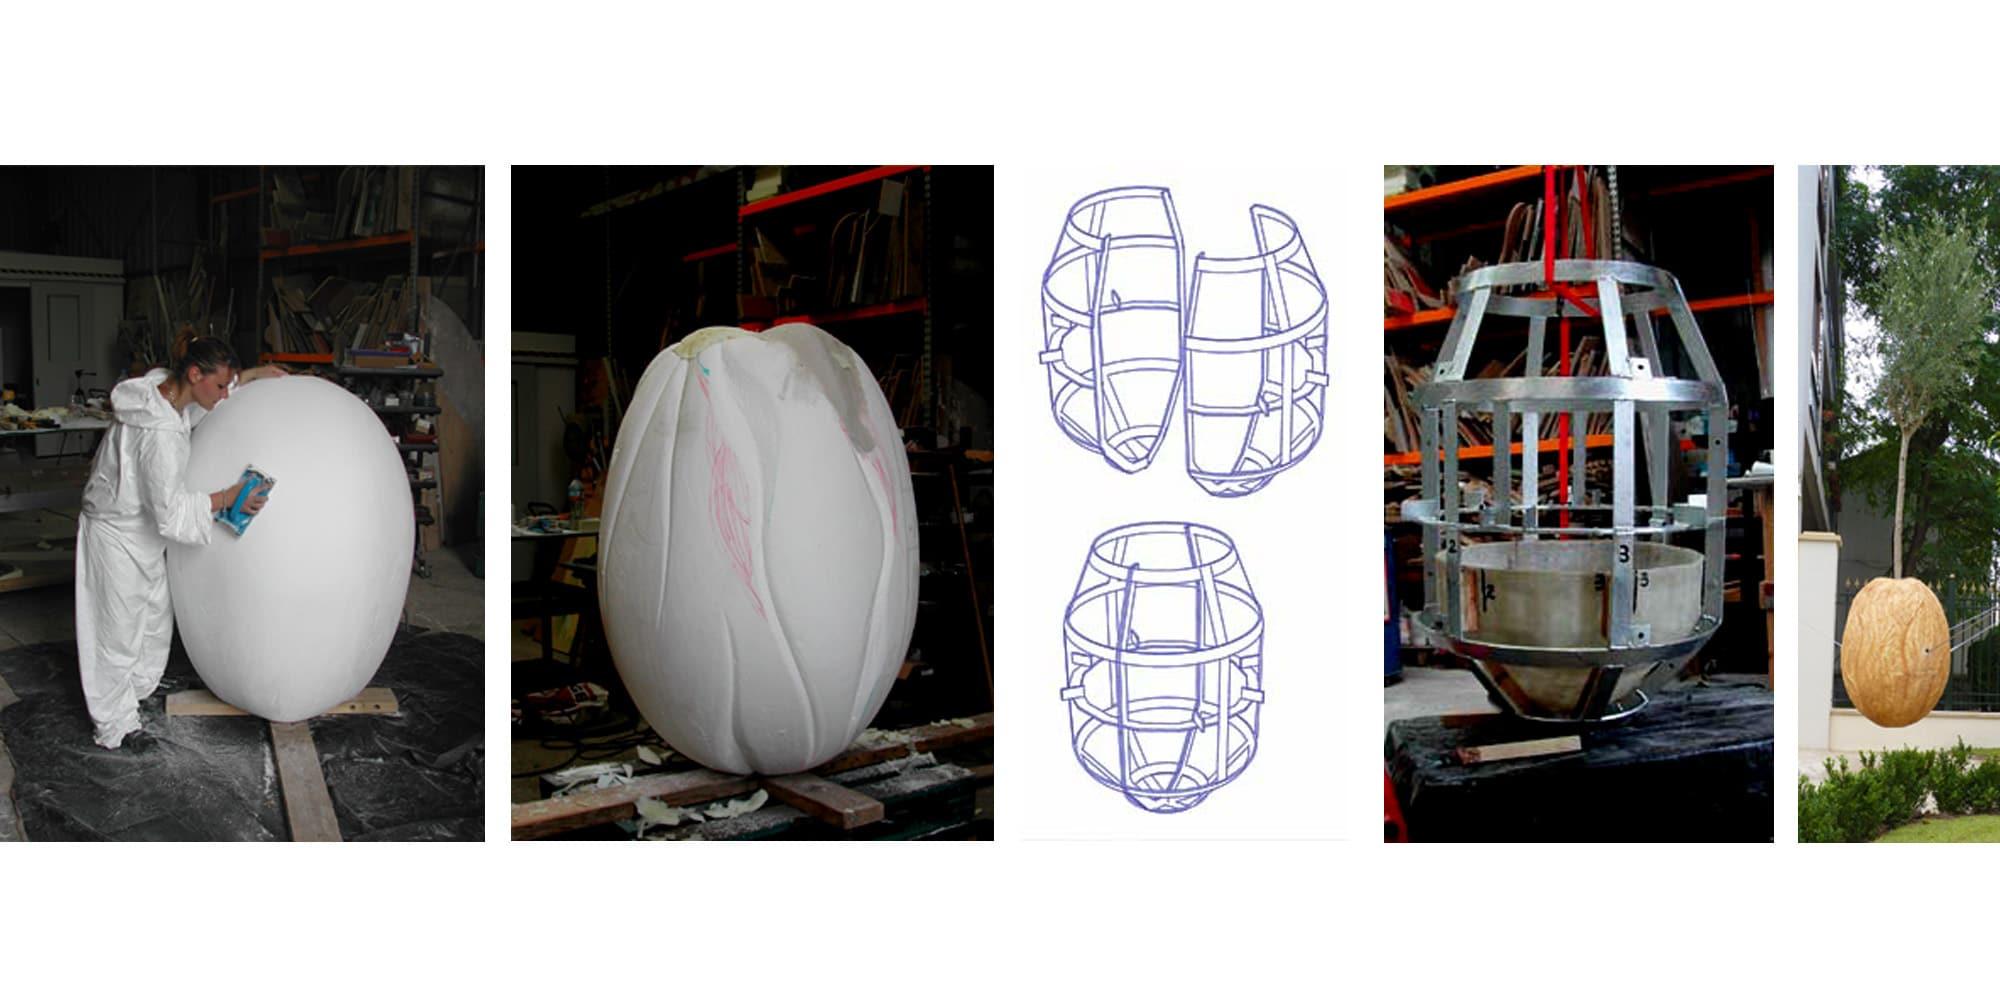 création d'une sculpture suspendue avec étapes de sculpture et de travail de structure métallique